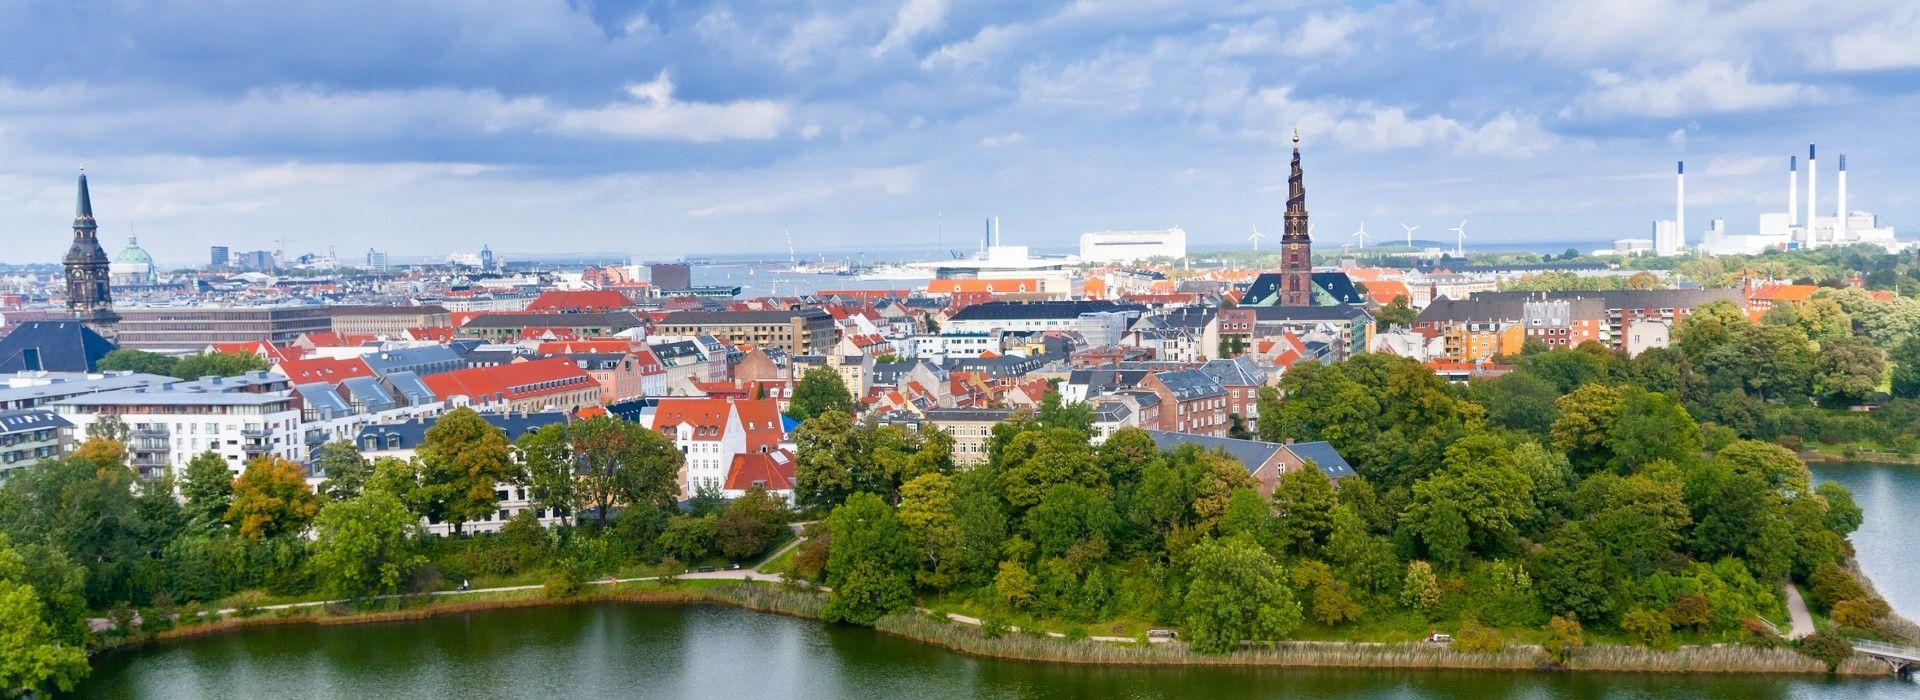 Spiritual or religious tours in Europe